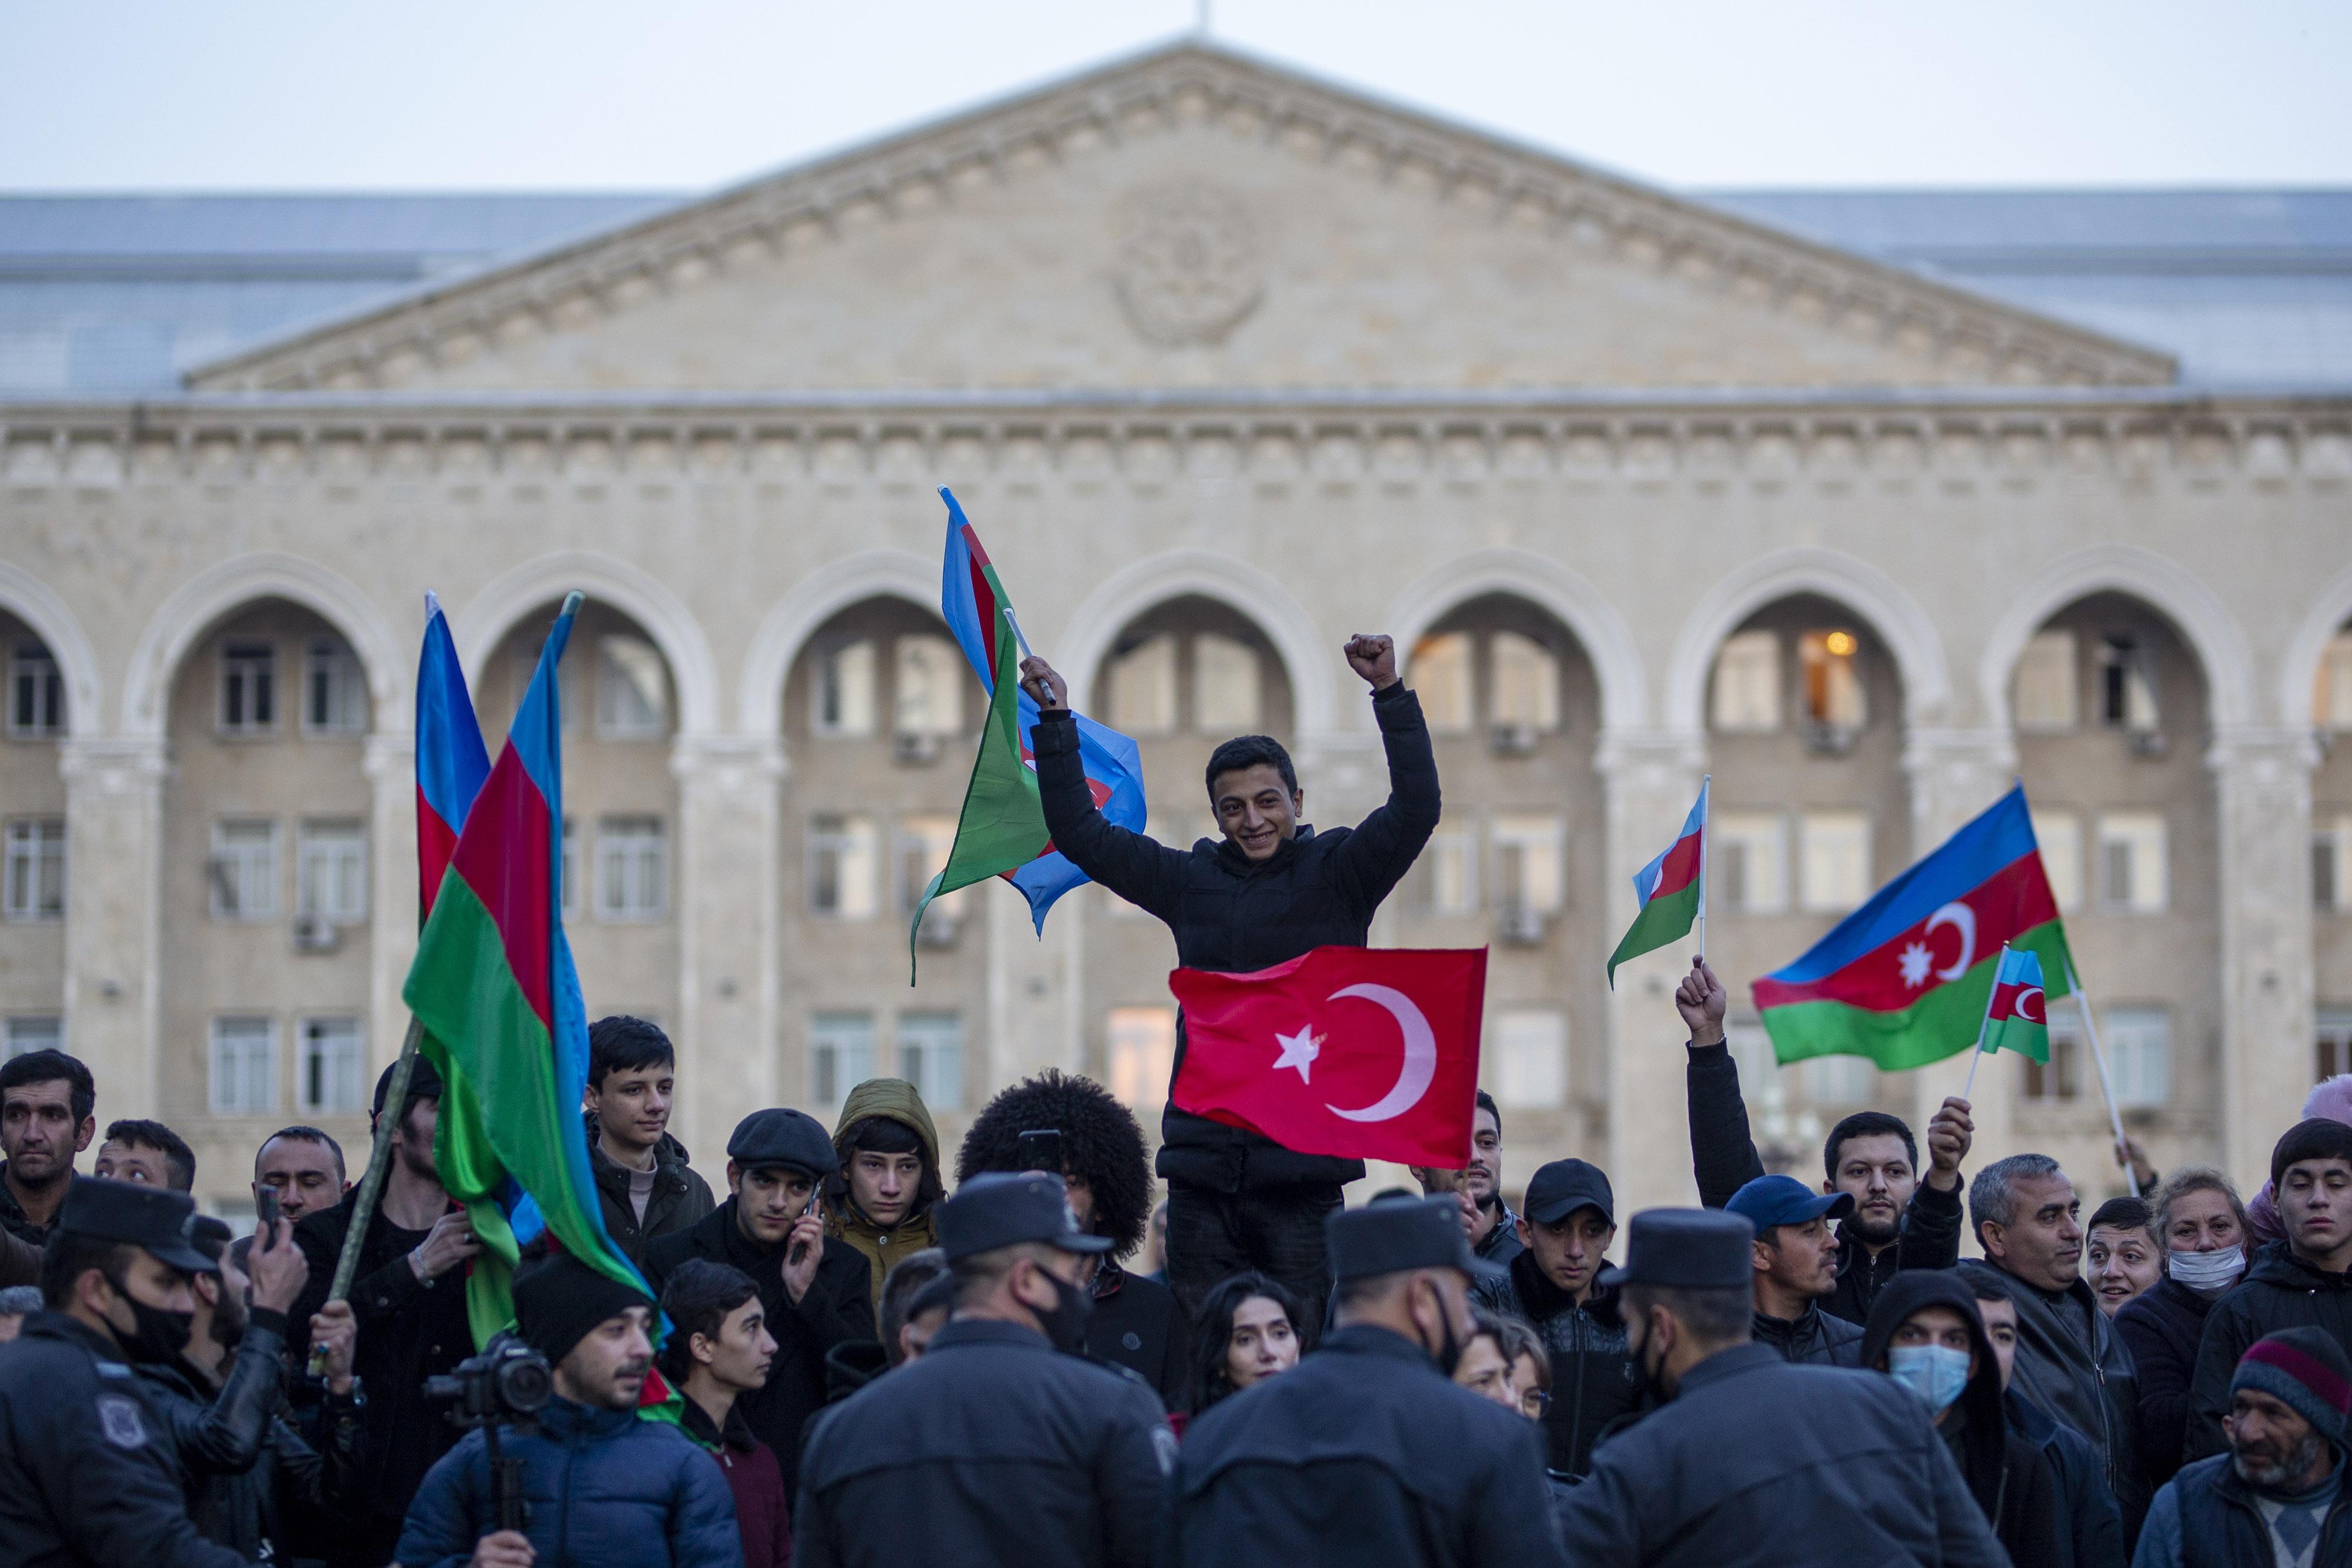 Milli Savunma Bakanlığı kardeş Azerbaycan'ın zaferini kutladı